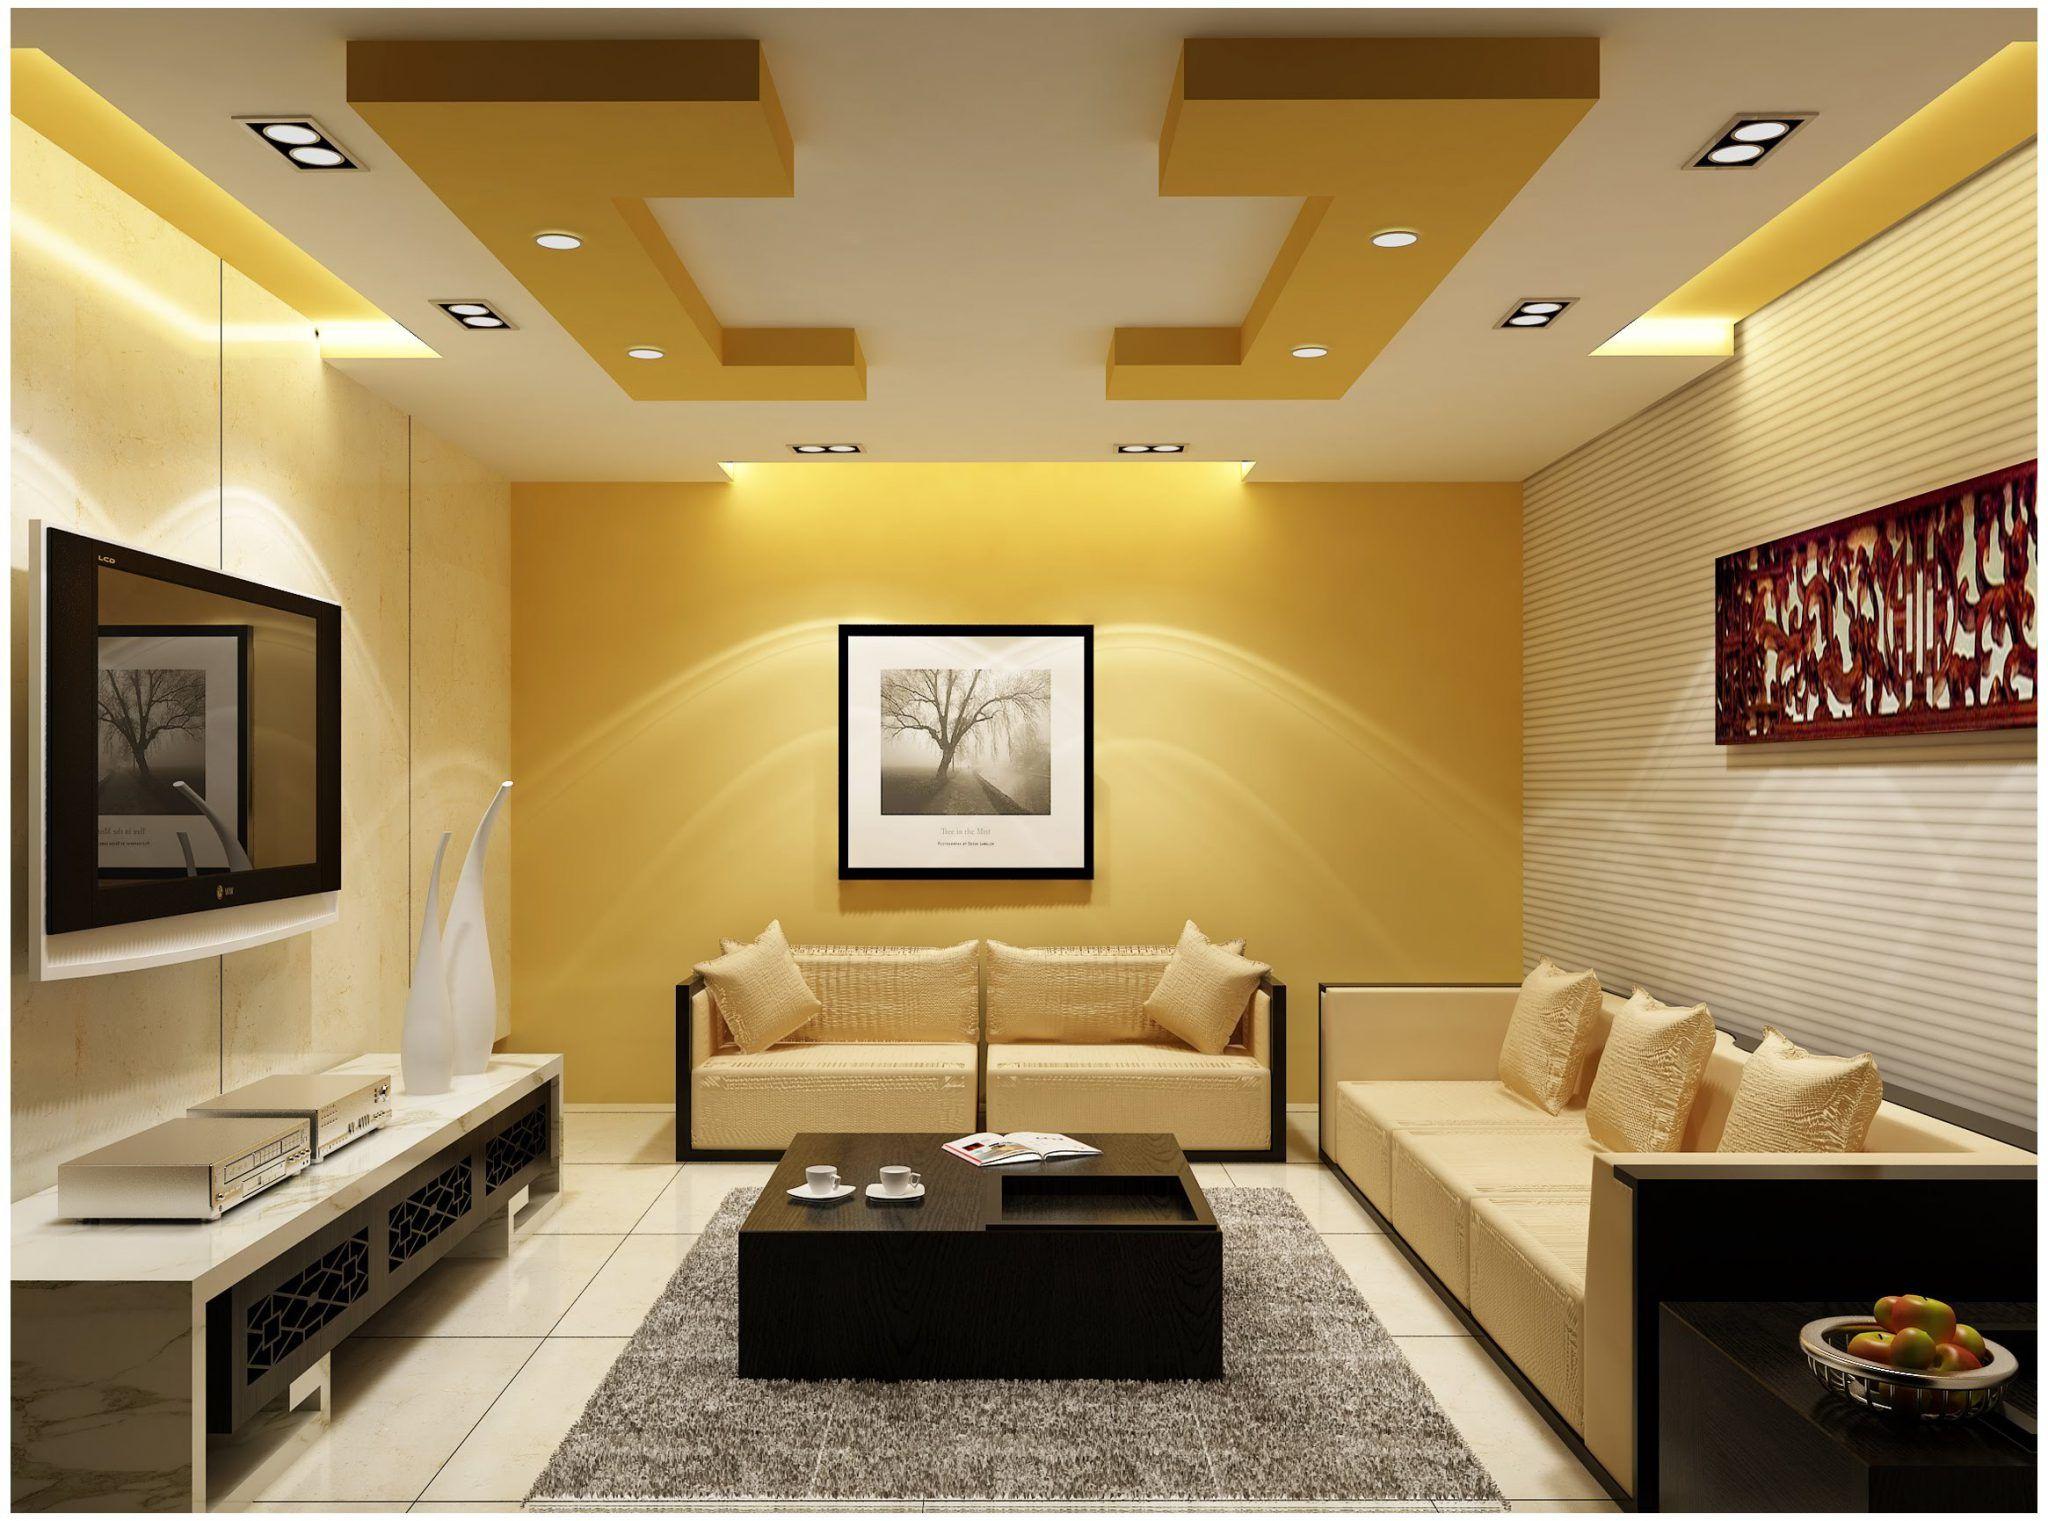 Tips To Plan Room Pop Design Ceiling Design Living Room Pop